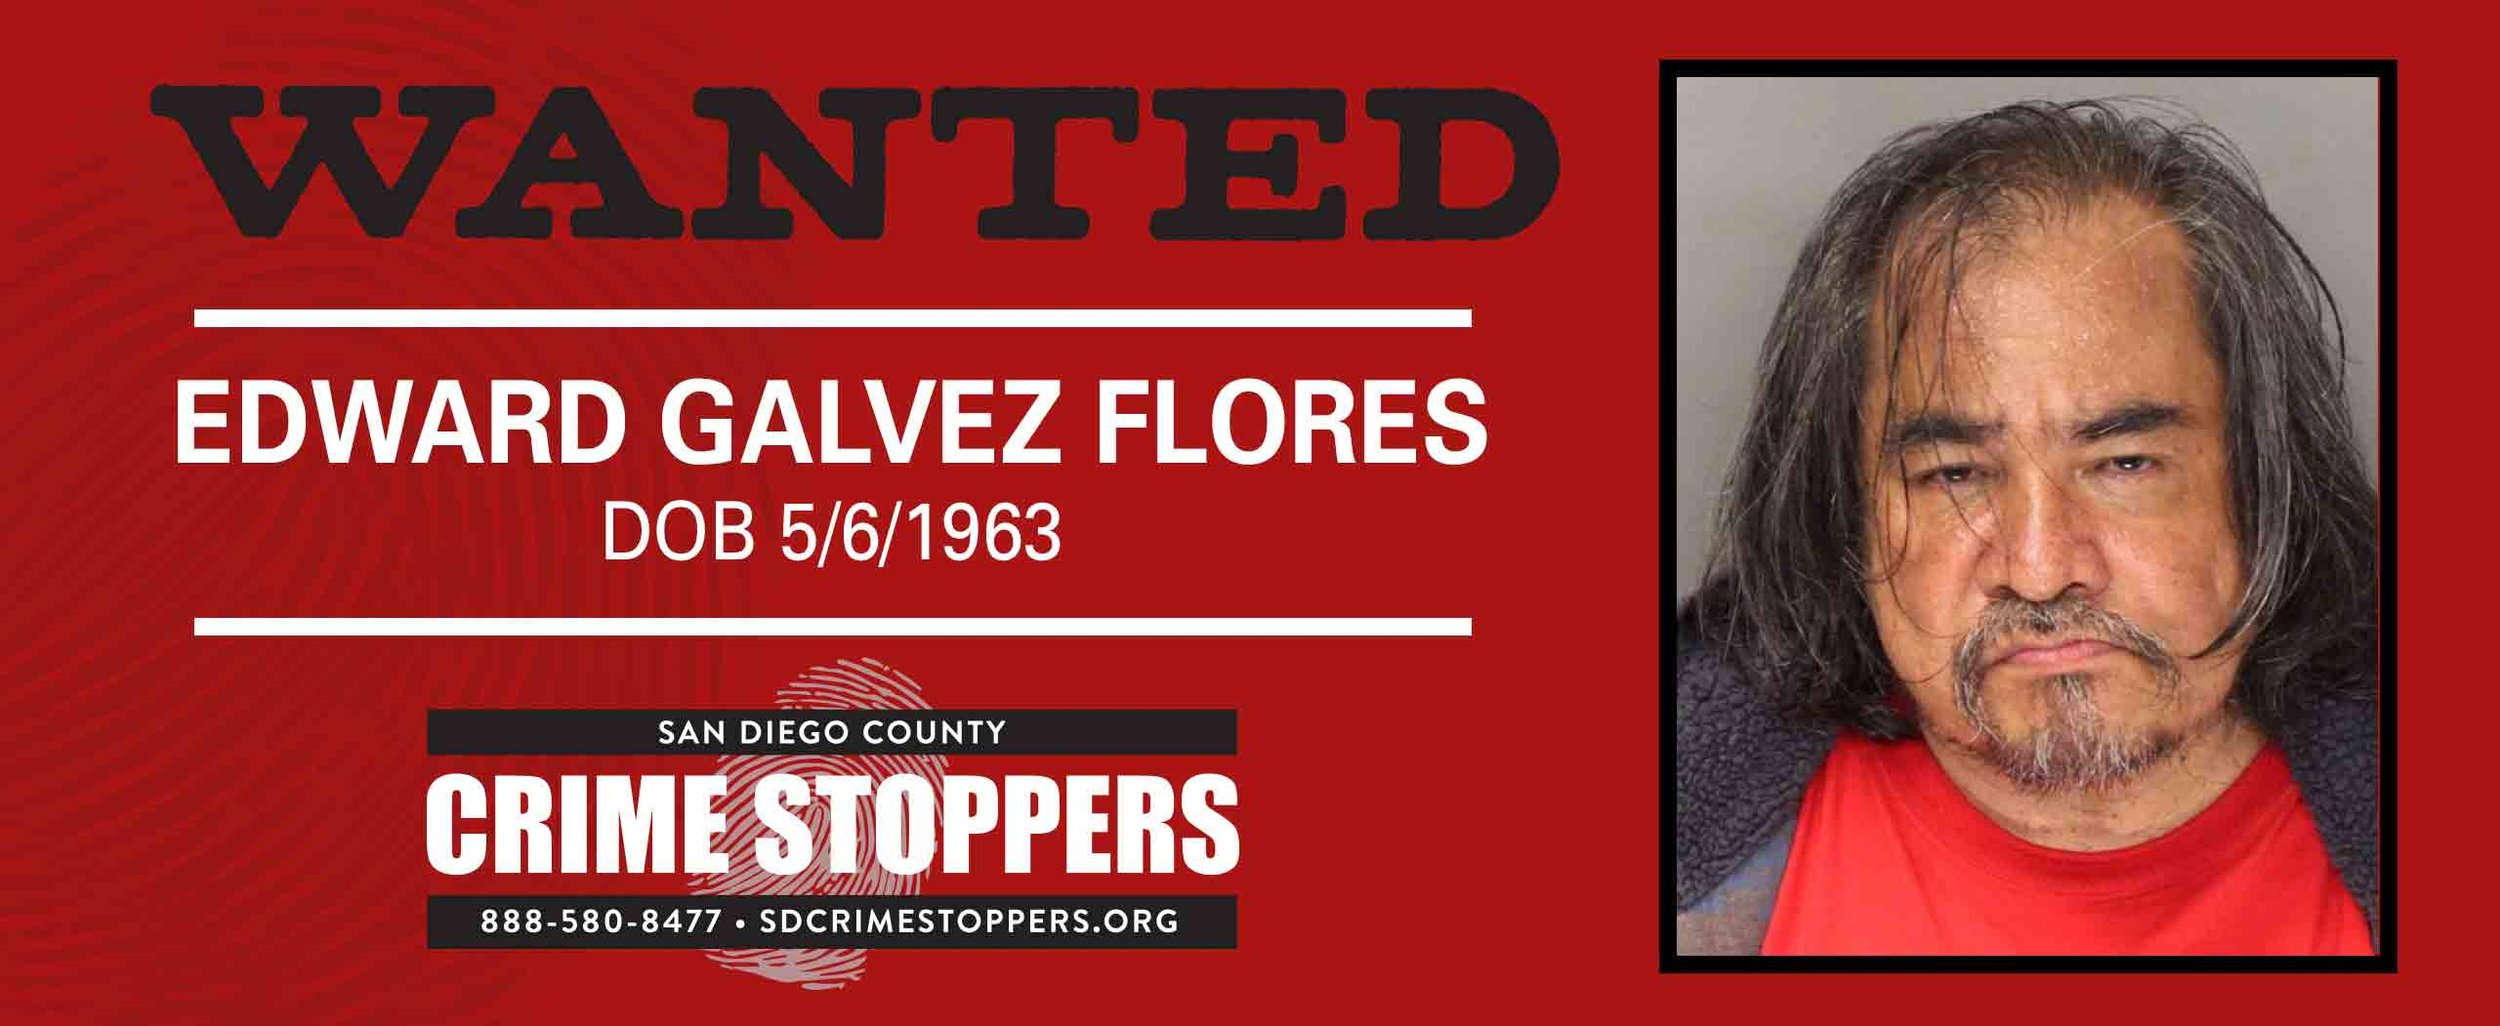 Edward-Galvez-Flores.jpg